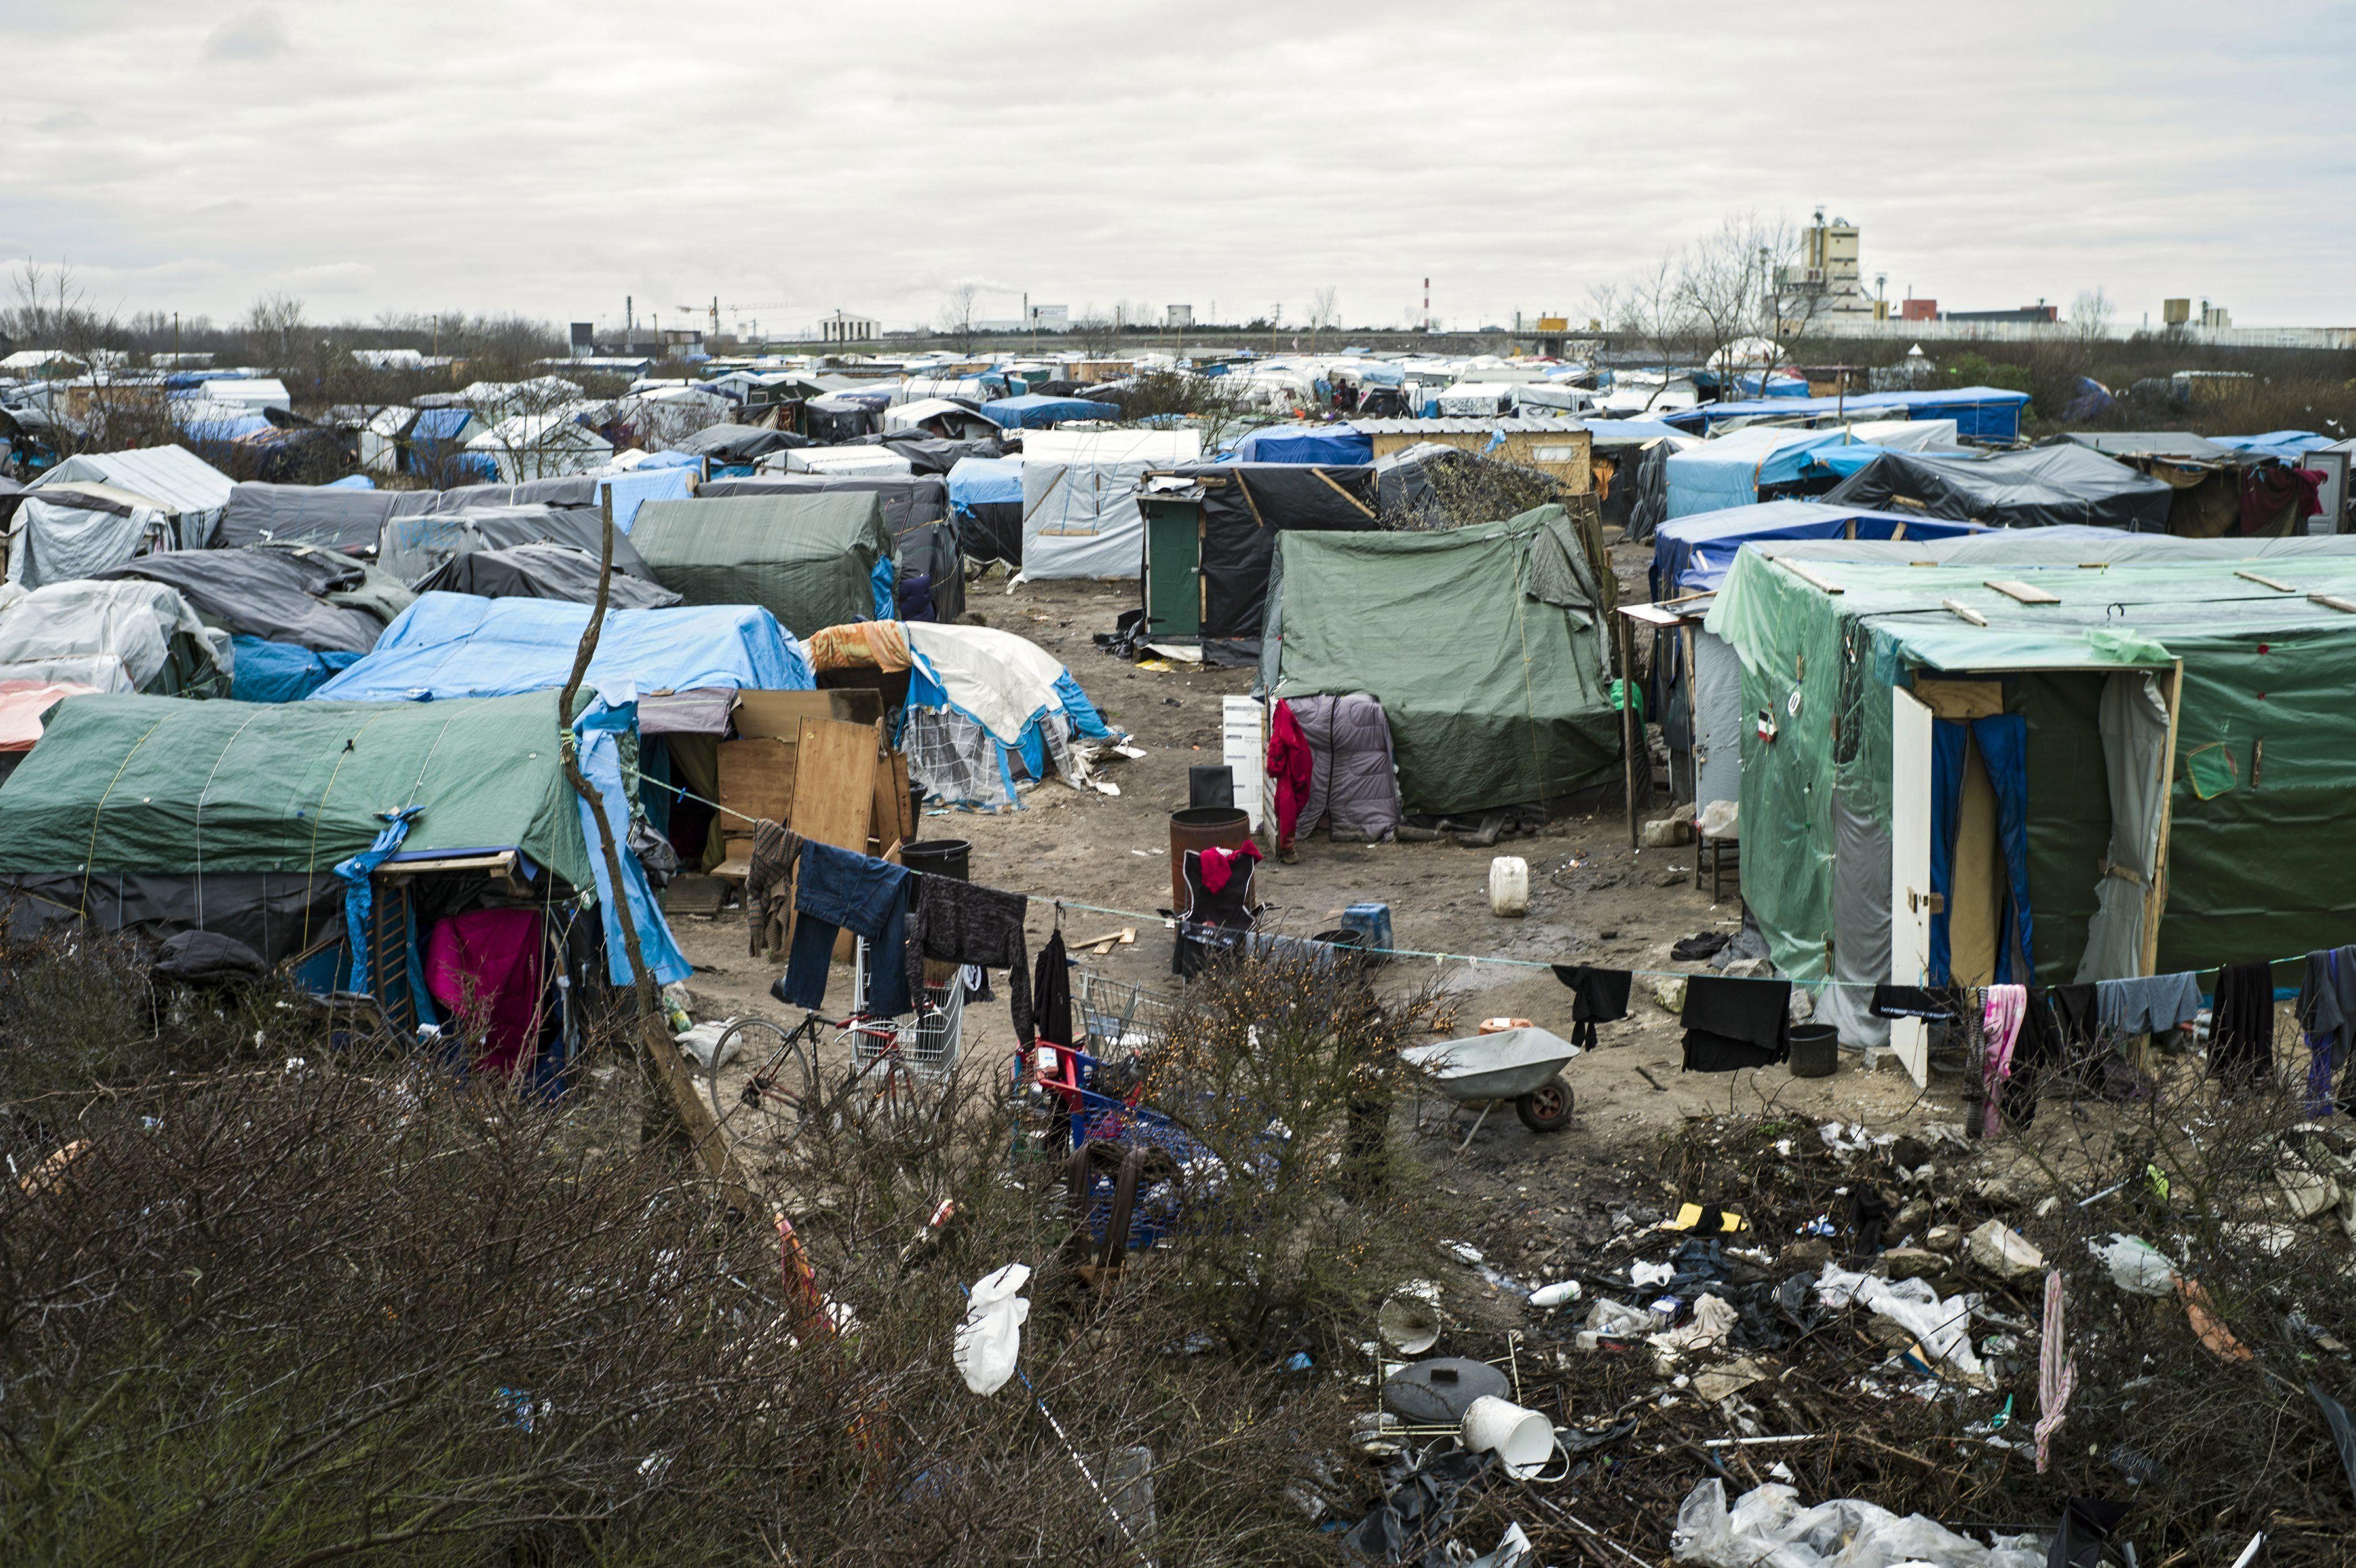 La Justicia de Francia autorizó el desalojo del campo de refugiados de Calais